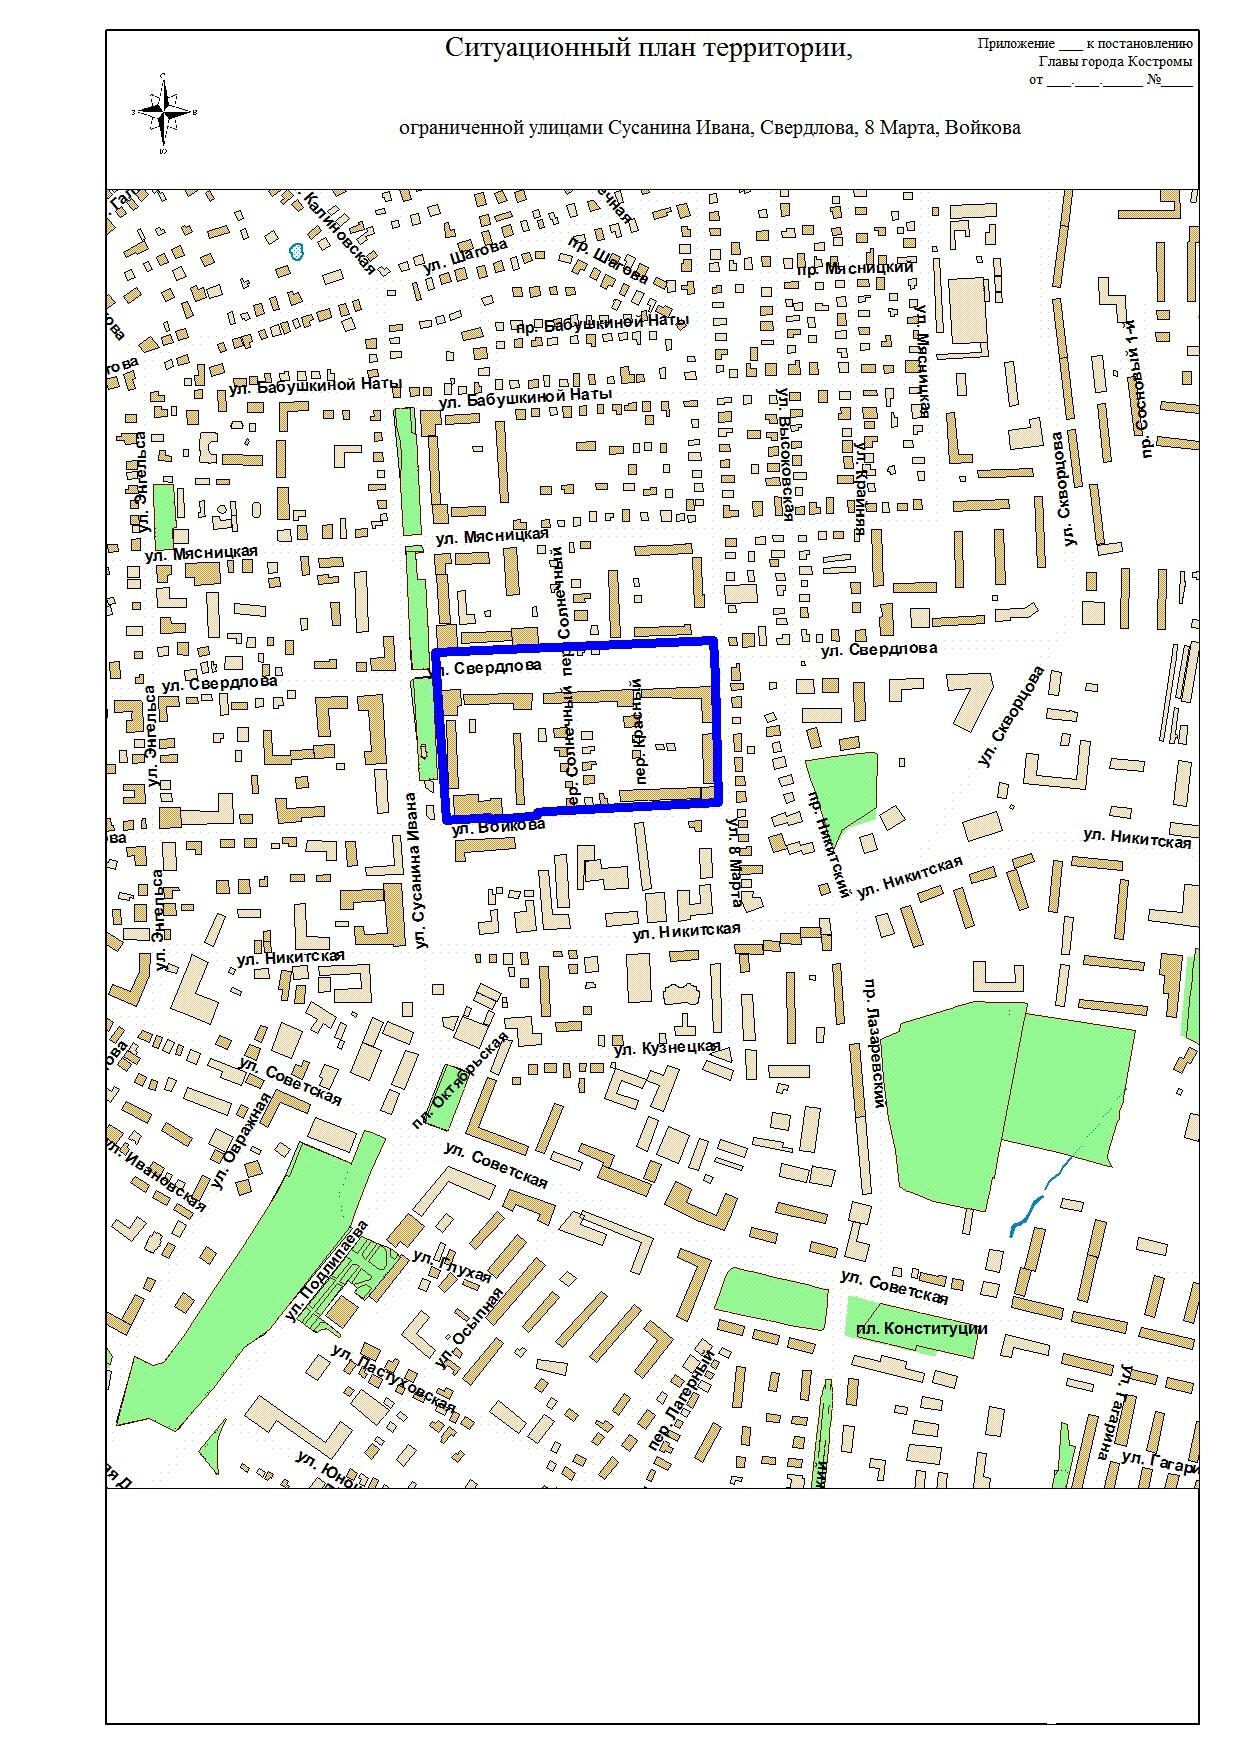 Проект планировки территории, ограниченной улицами Сусанина Ивана, Свердлова, 8 Марта, Войкова